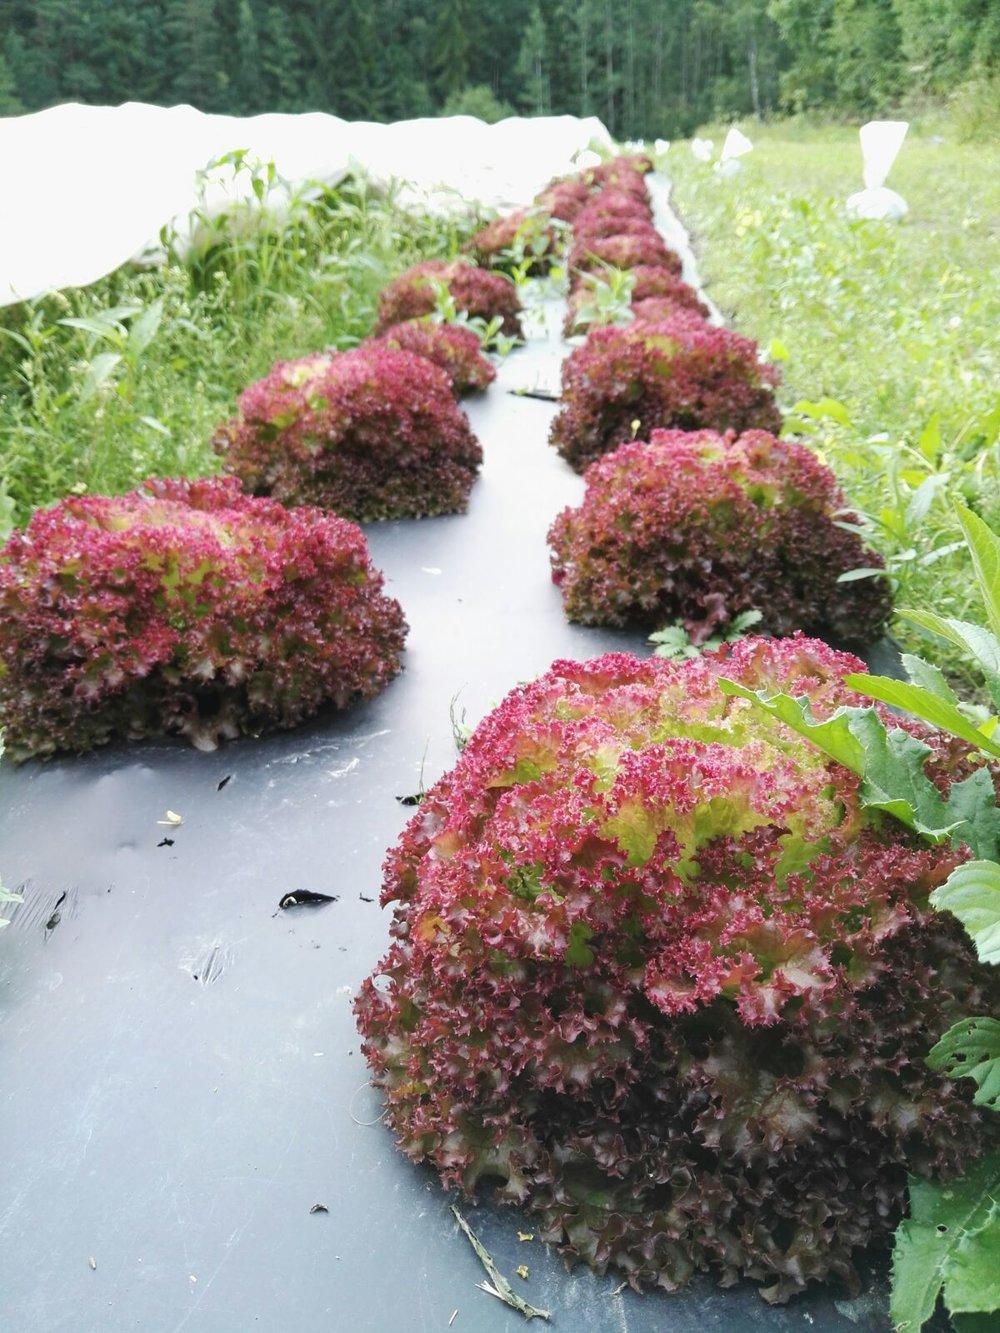 Korjuukypsät Lollo Rossa -salaatit biokalvopenkissä. Kuva: Milja Juola